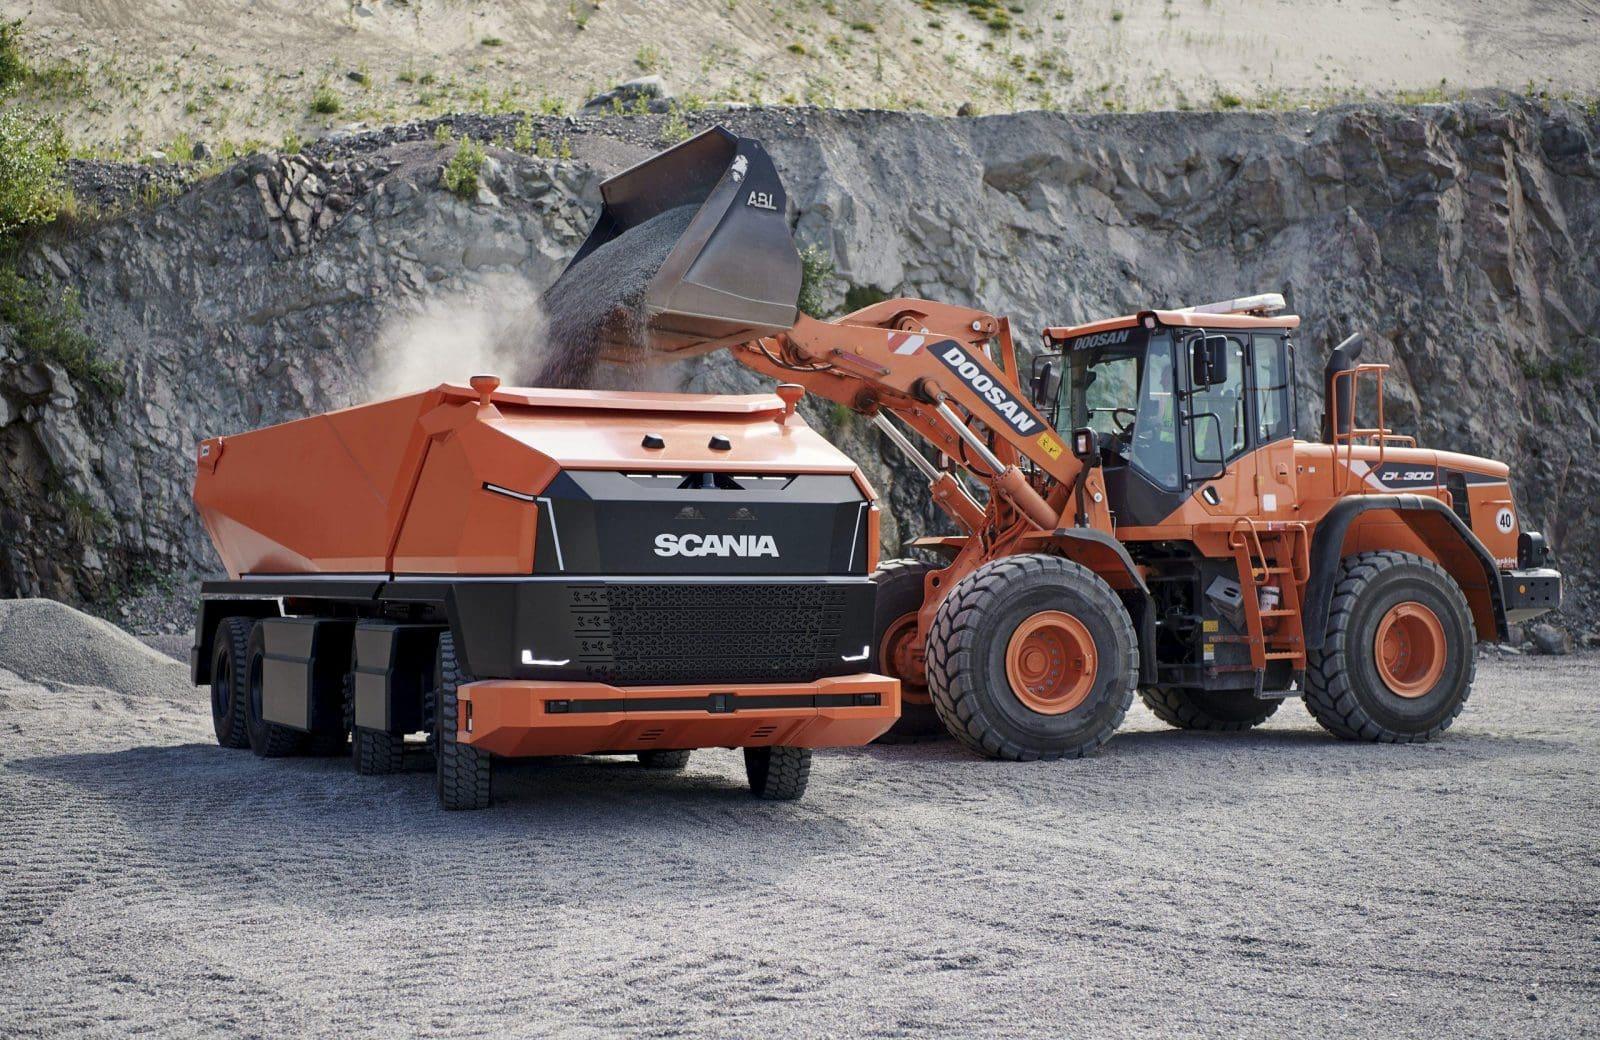 Безпілотний самоскид Scania AXL перевозить гірничу масу та щебінь